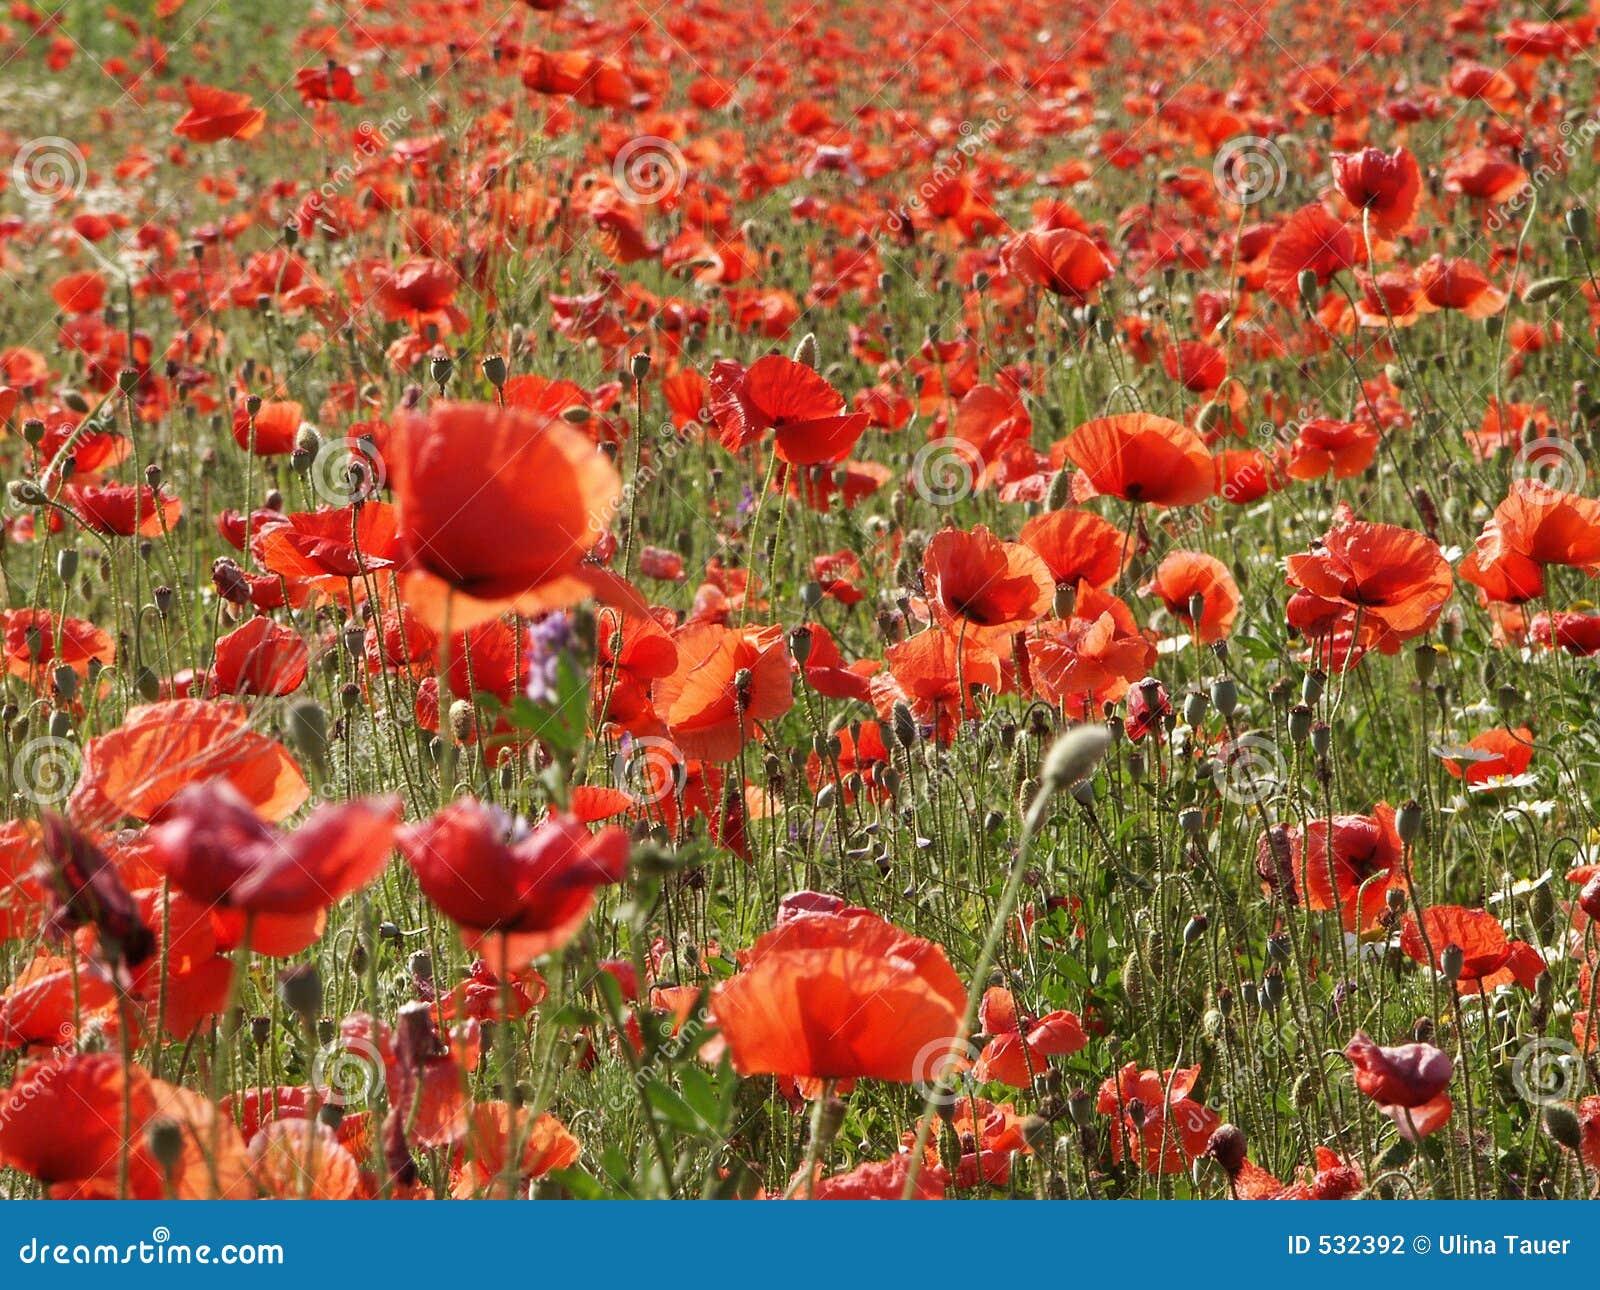 Download 草甸鸦片 库存照片. 图片 包括有 数量, 麻醉, 植物群, 夏天, 草甸, 批次, 颜色, 很多, 绿色, 花卉 - 532392